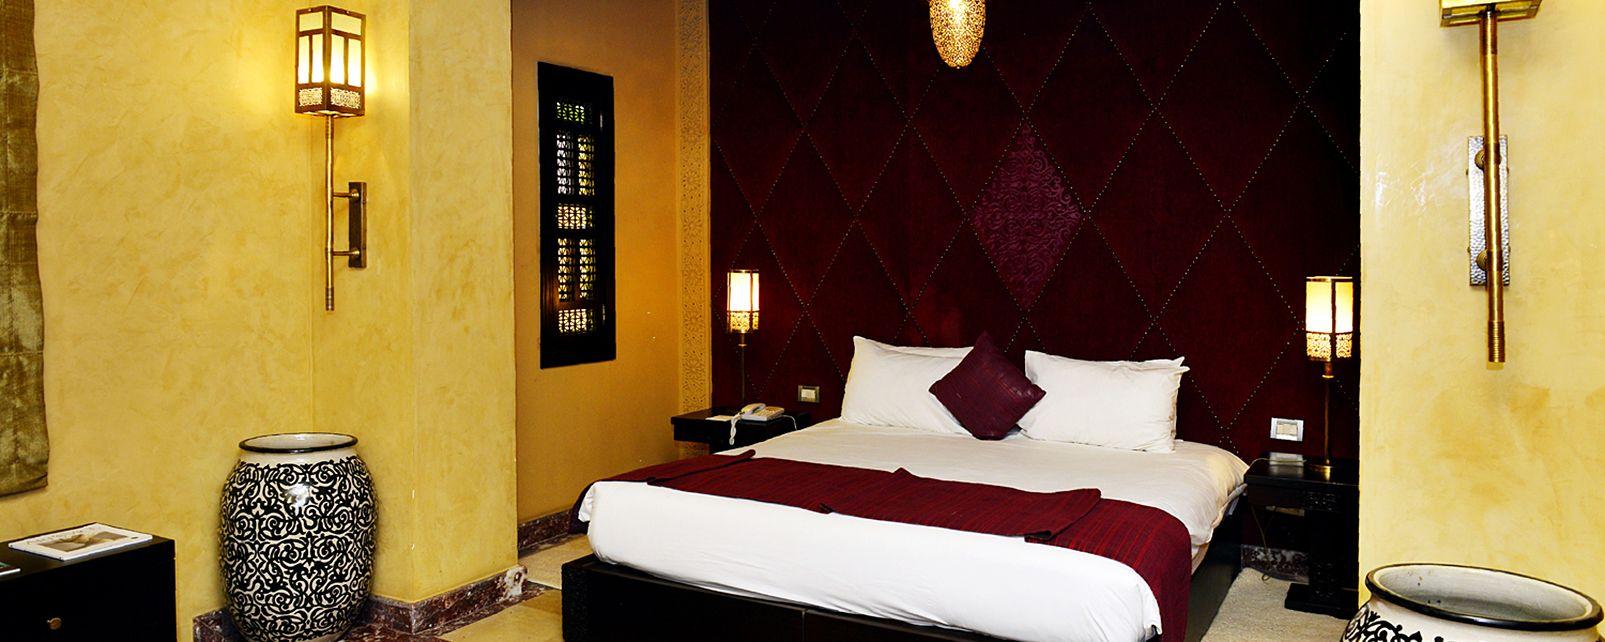 Hotel La Renaissance